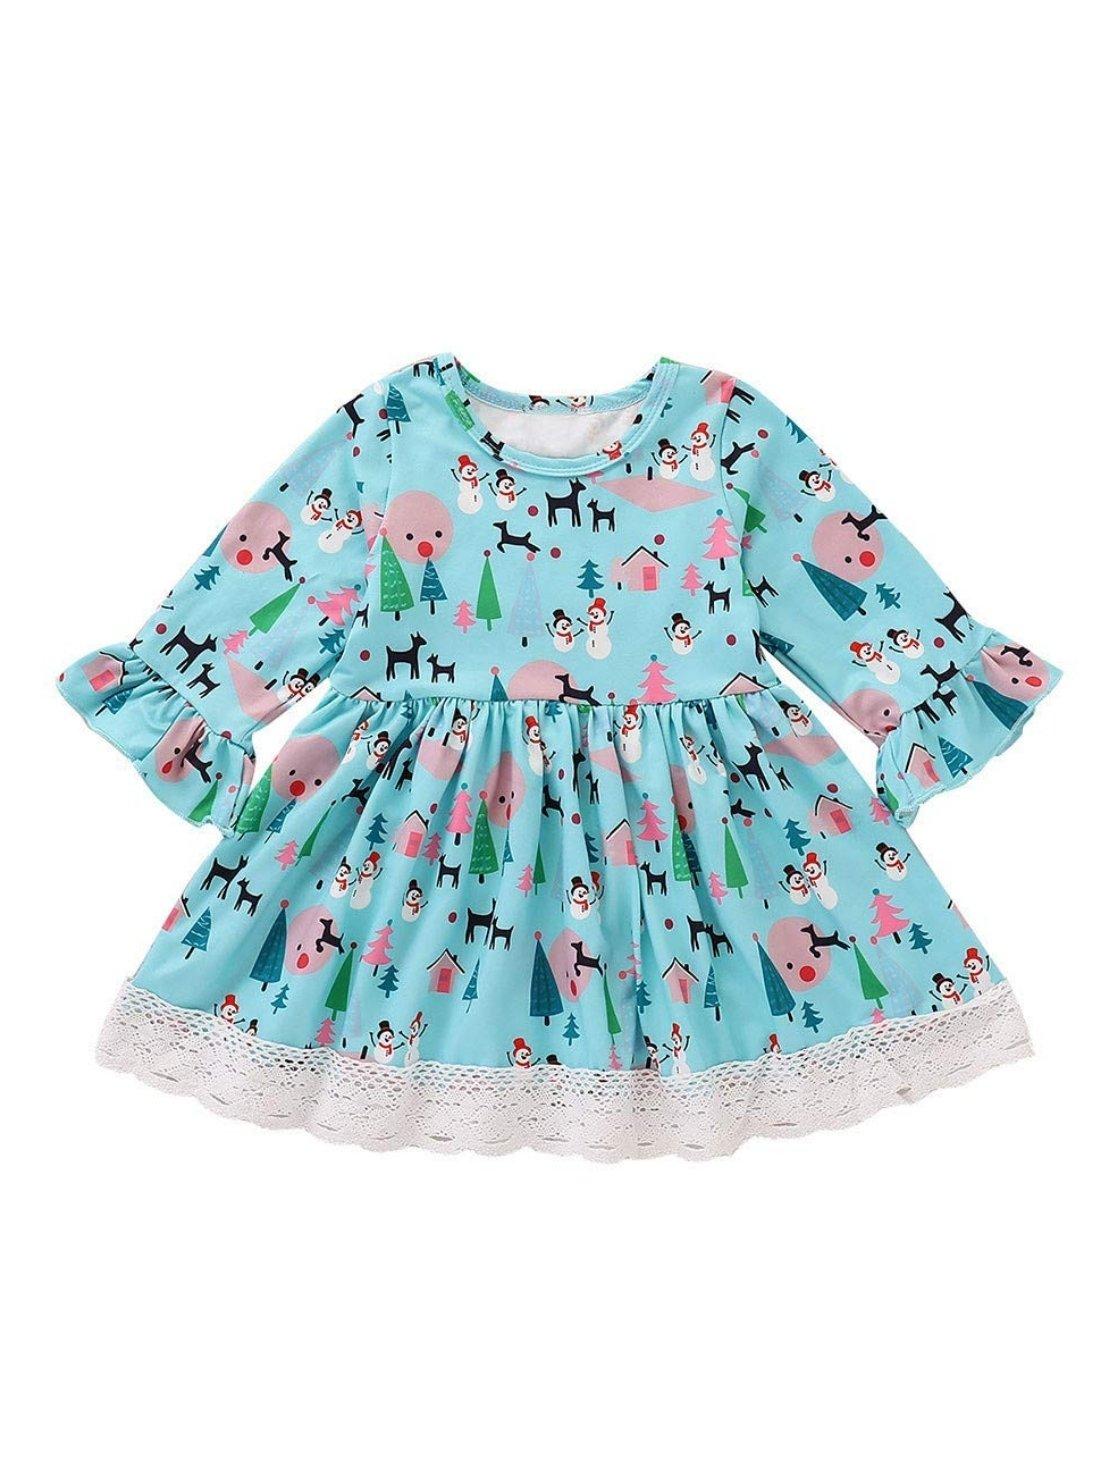 Fancy Cartoon Dress for Kids